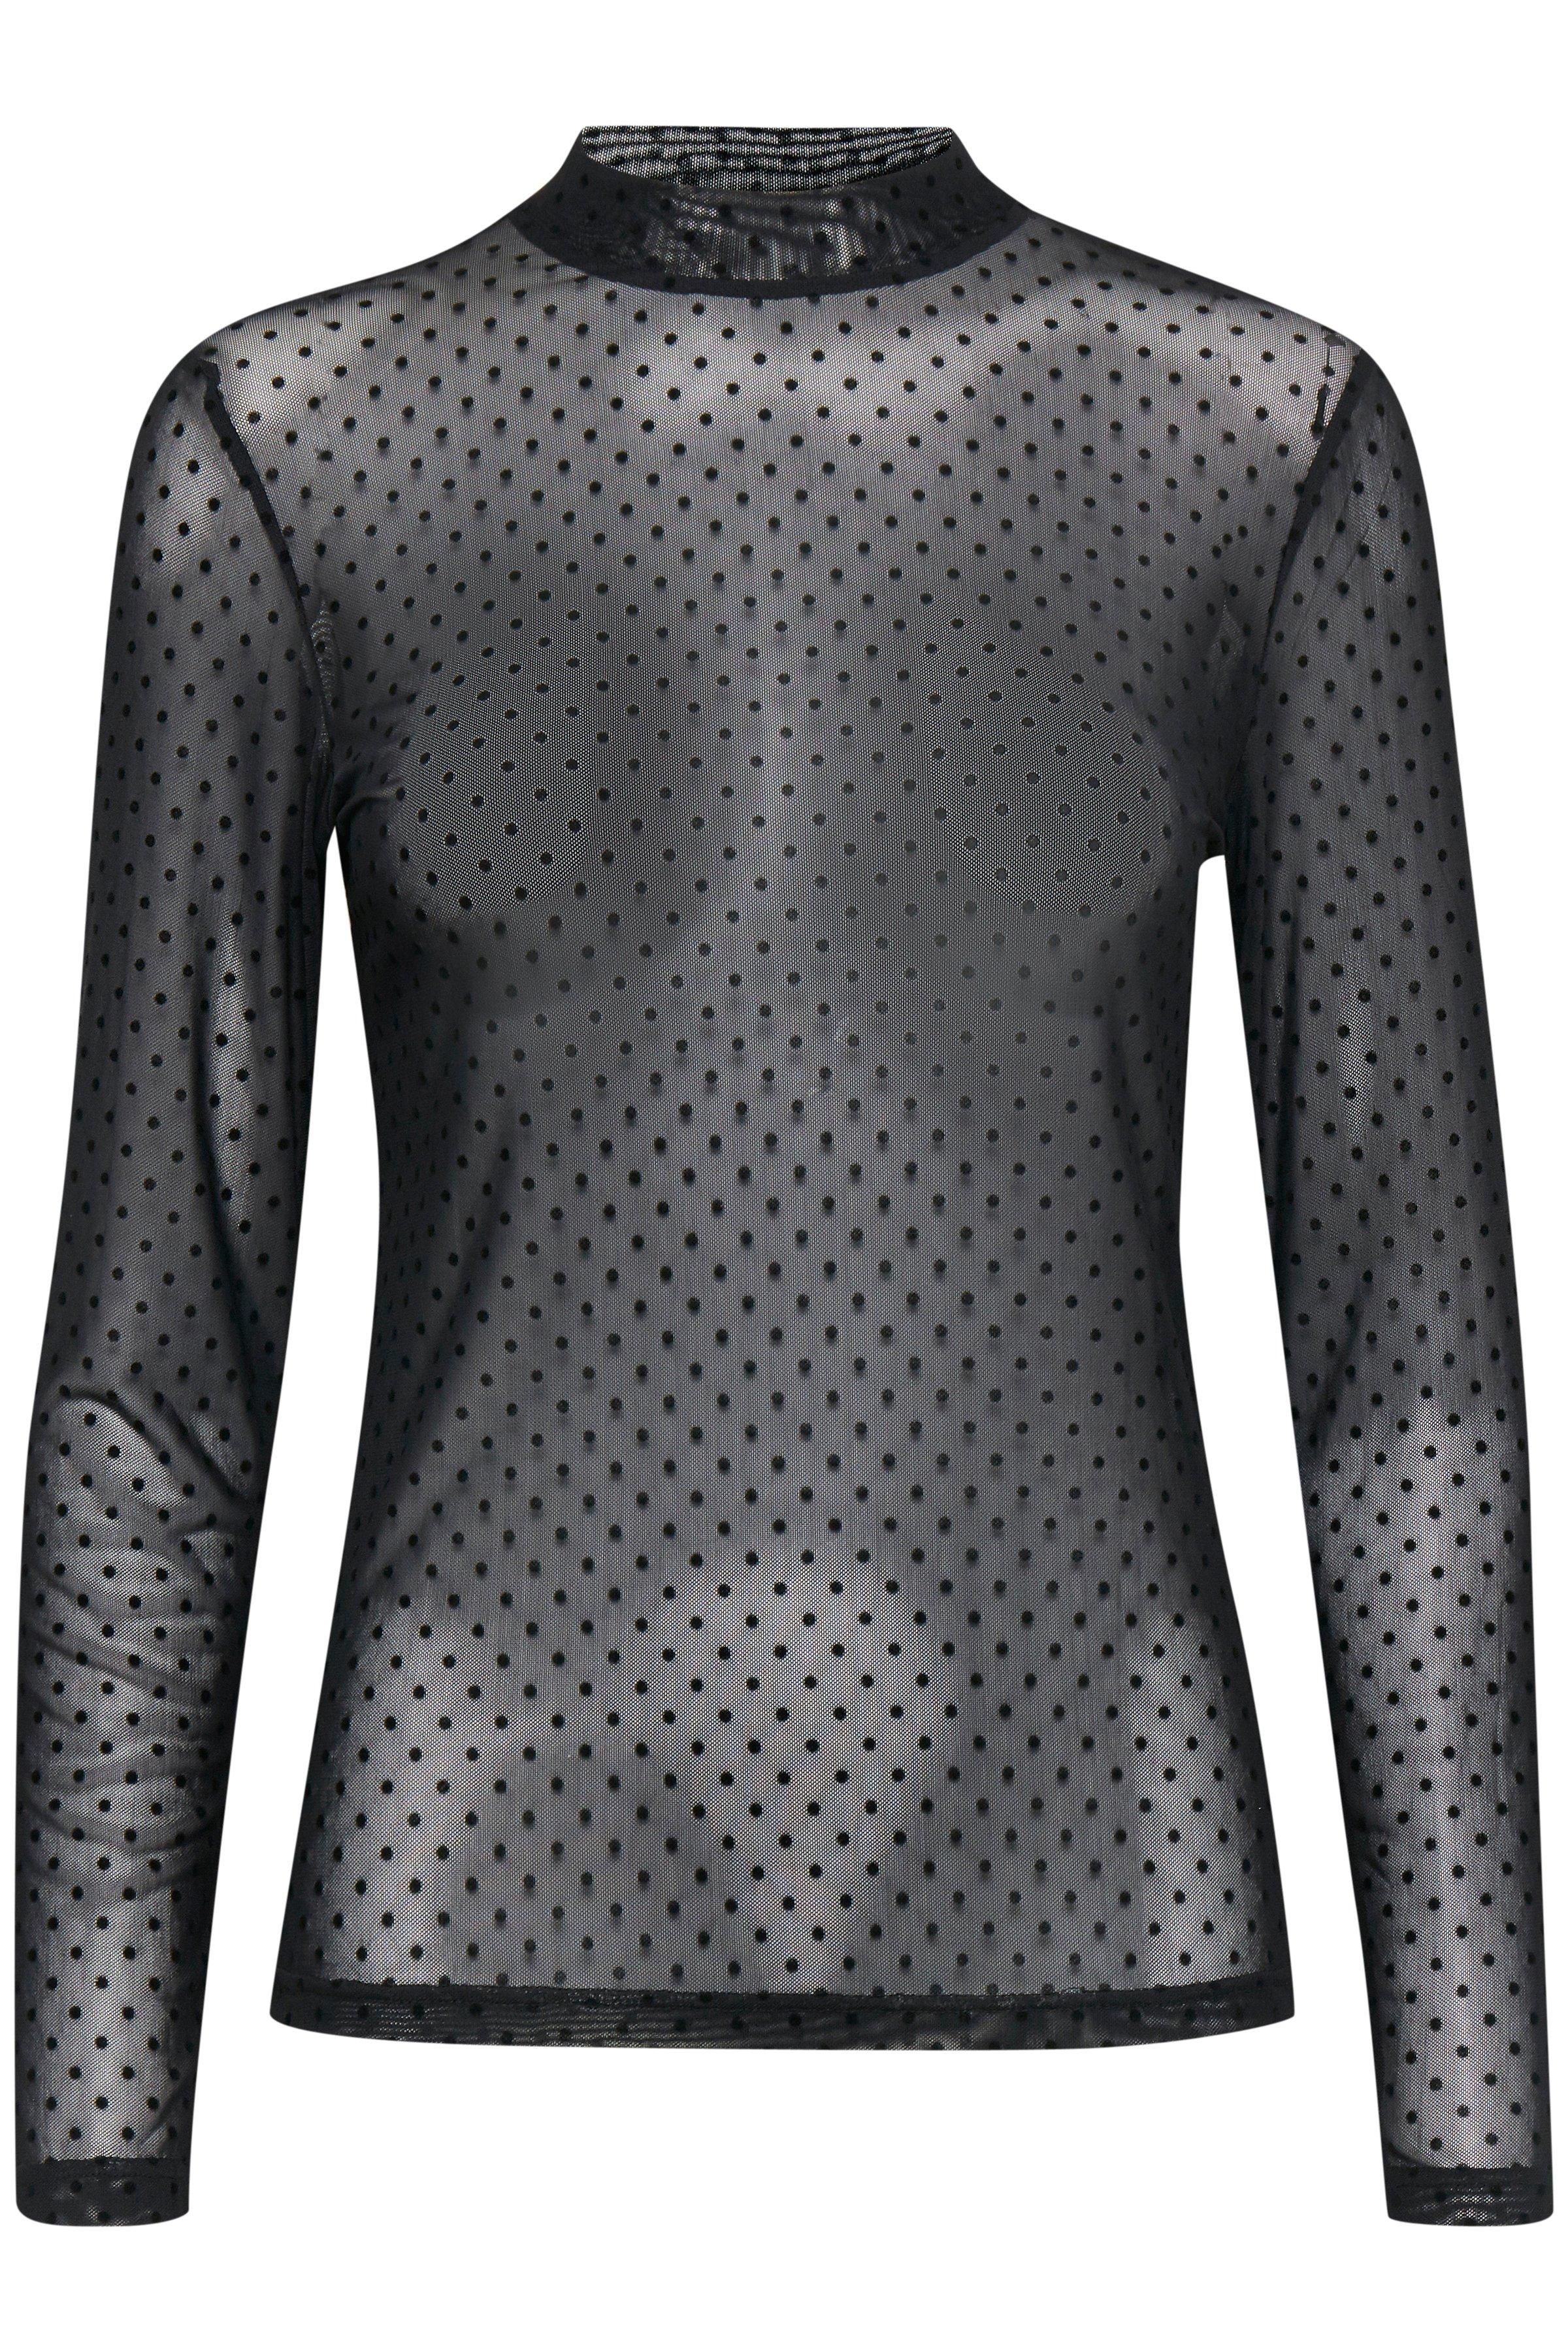 COMBI 1 Langærmet bluse fra b.young – Køb COMBI 1 Langærmet bluse fra str. XS-XXL her